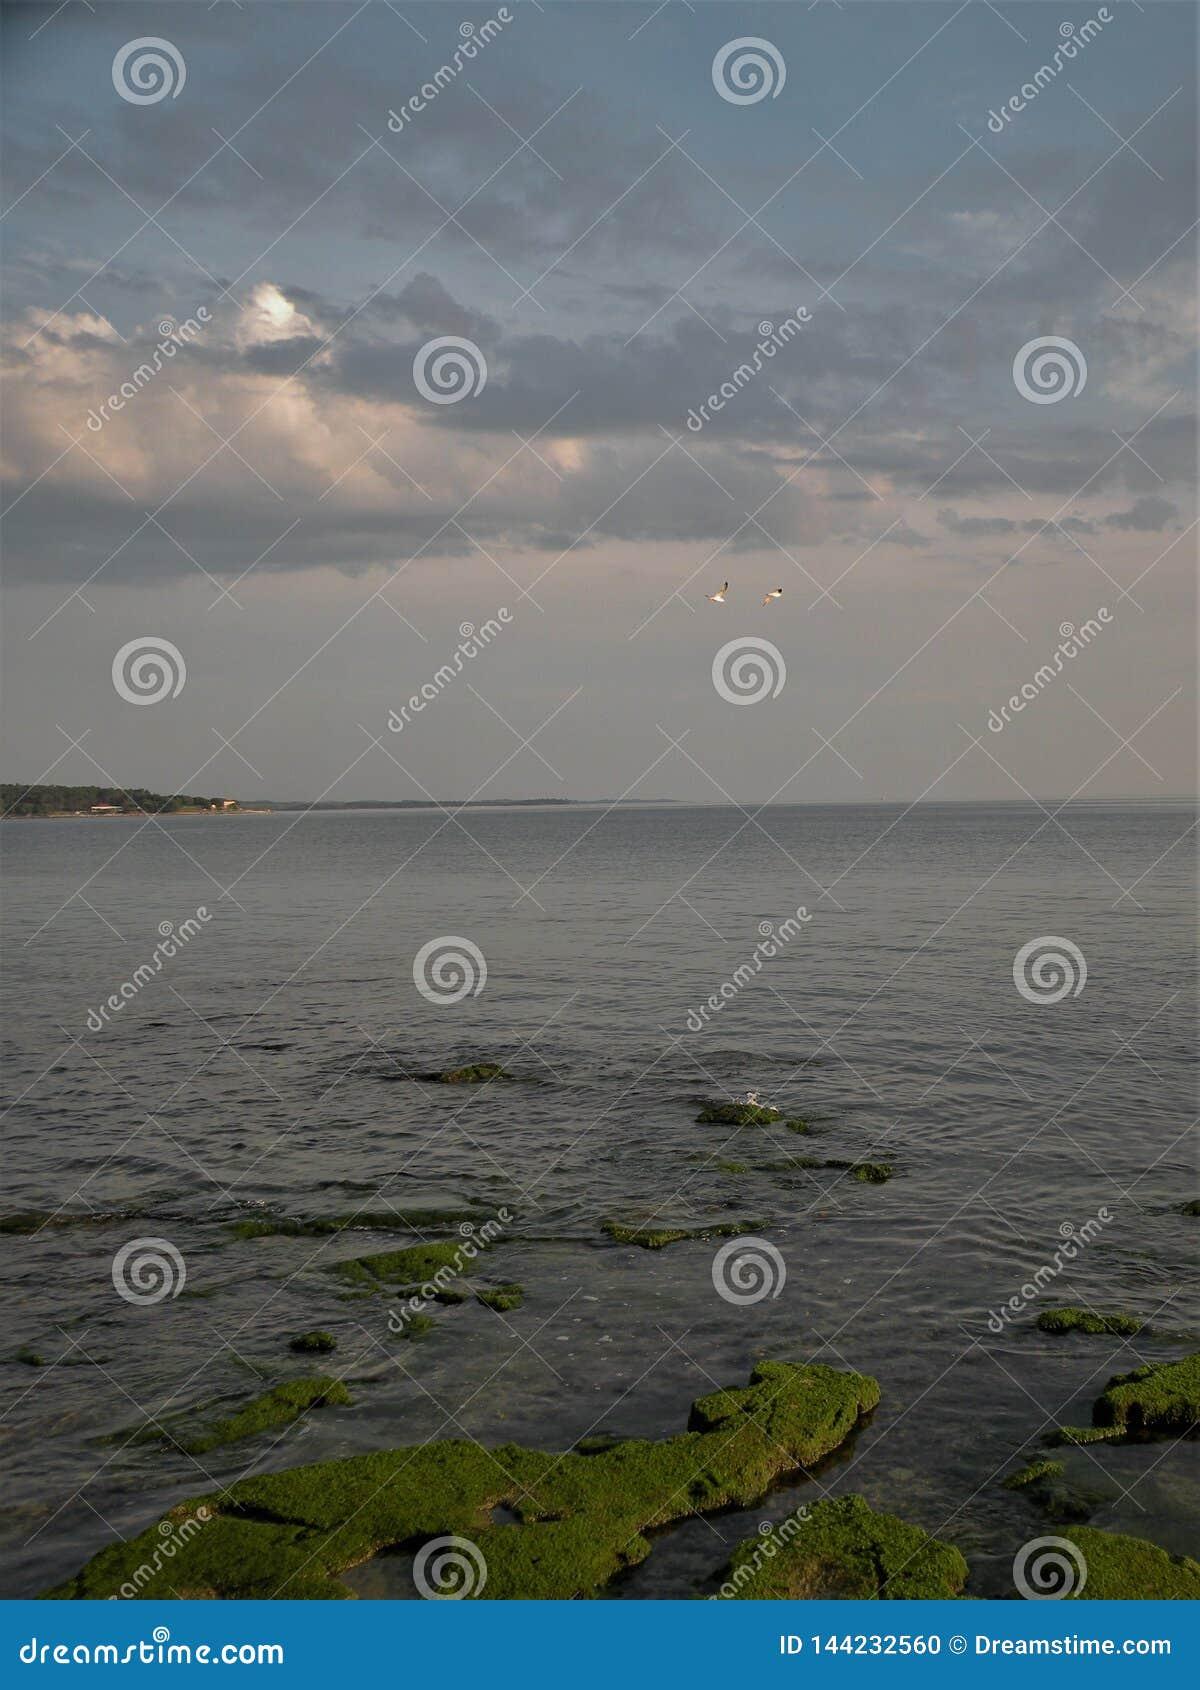 En musgo verde visti? rocas en el agua, que forma modelos interesantes